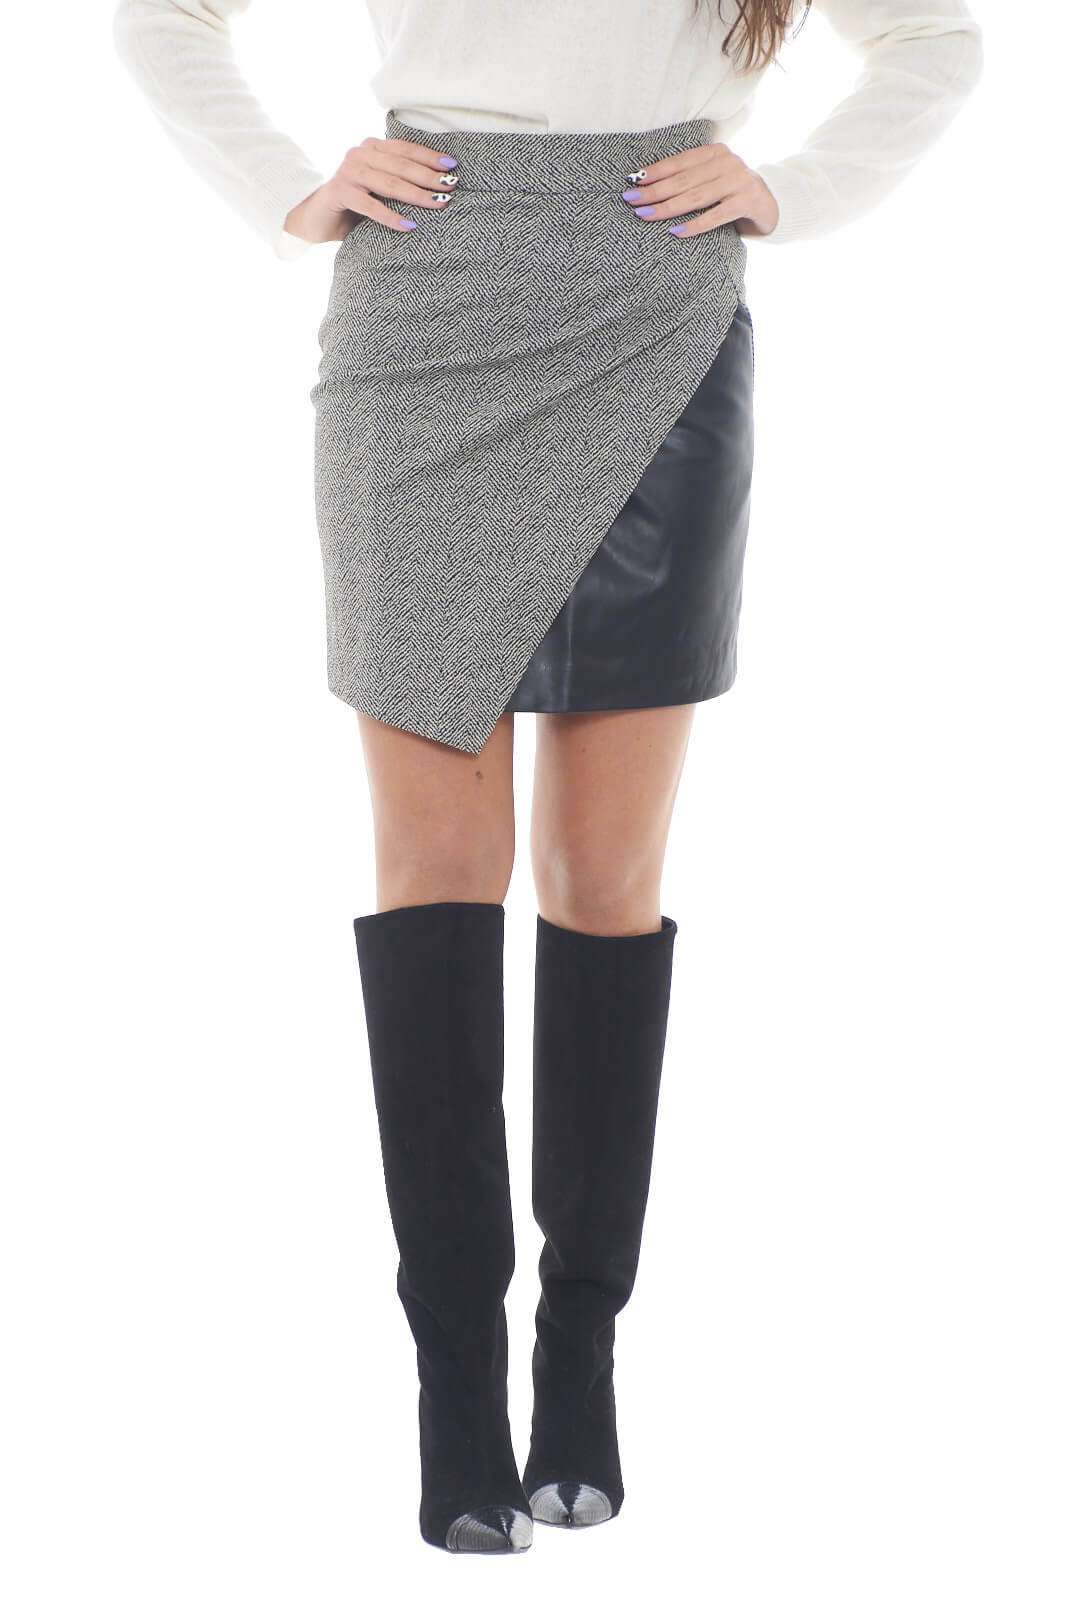 Una minigonna femminile e alla moda, perfetta per la donna che ama capi trendy e chic. L'inserto in ecopelle,regala anche un tocco fashion in più rendendo il capo facilmente abbinabile con bluse, maglioncini o t shirt, per rendere ogni outfit sempre sul pezzo.  la modella è alta 1,78m e indossa la taglia 40.